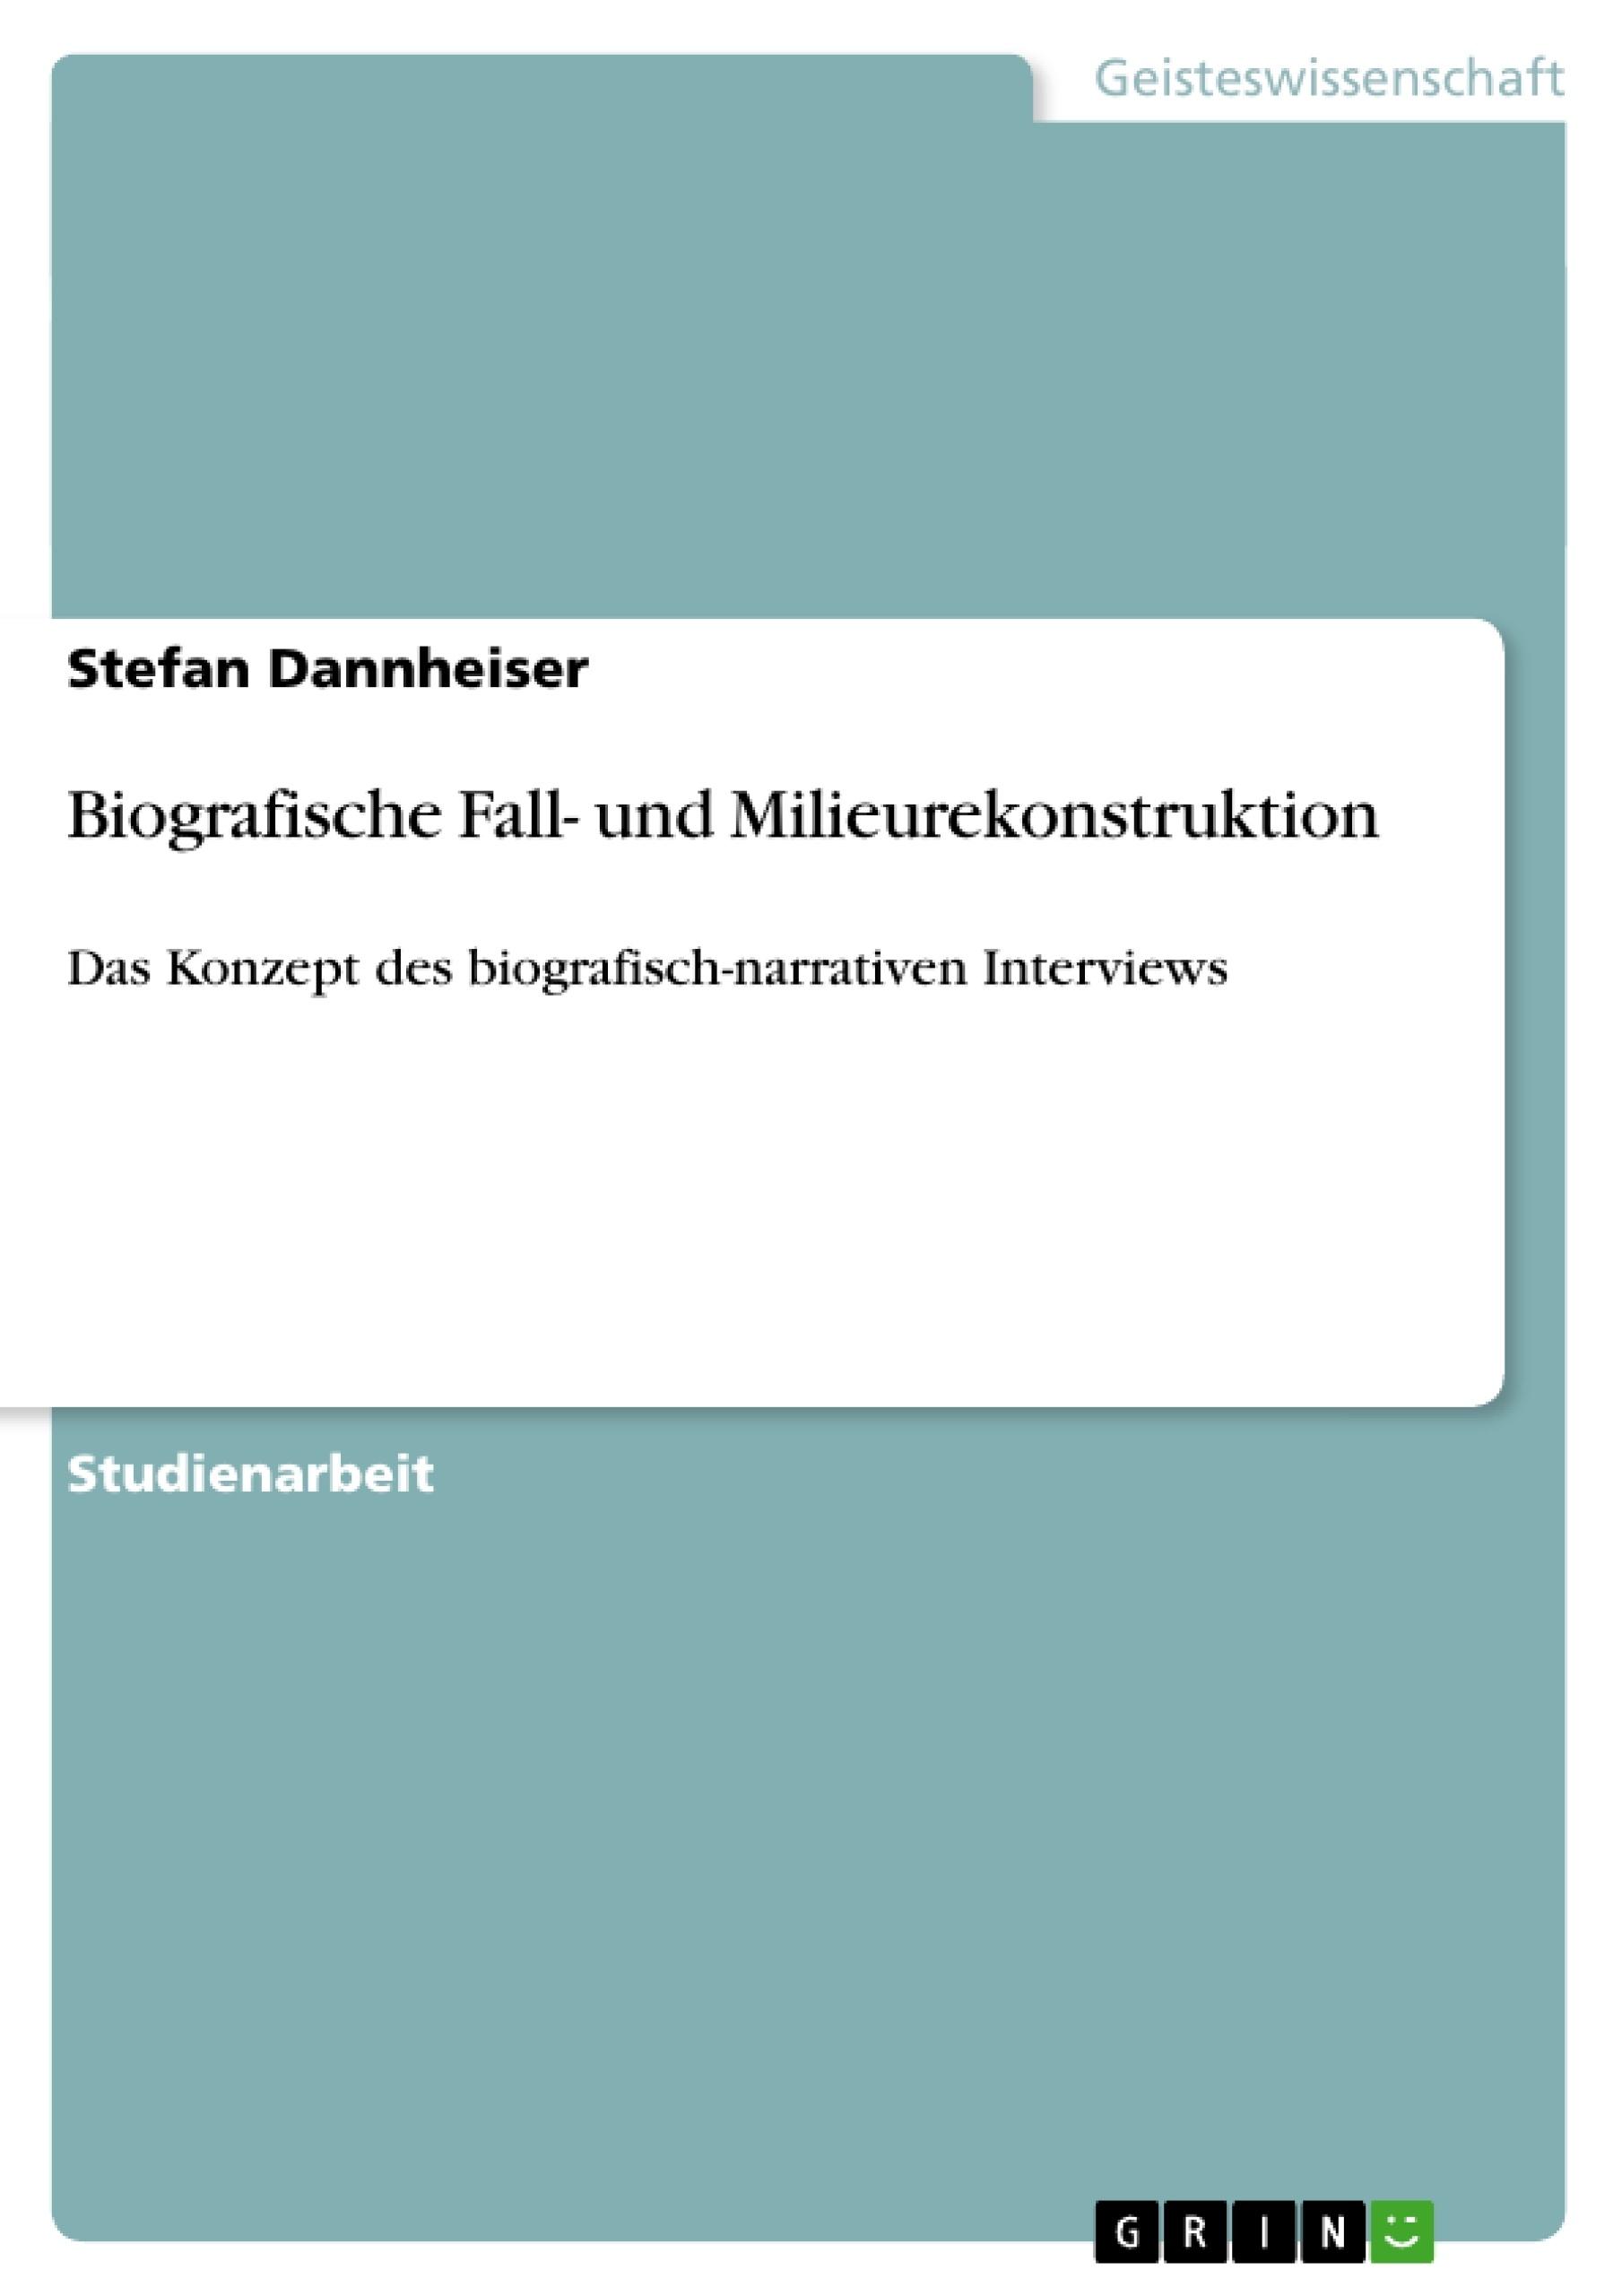 Titel: Biografische Fall- und Milieurekonstruktion